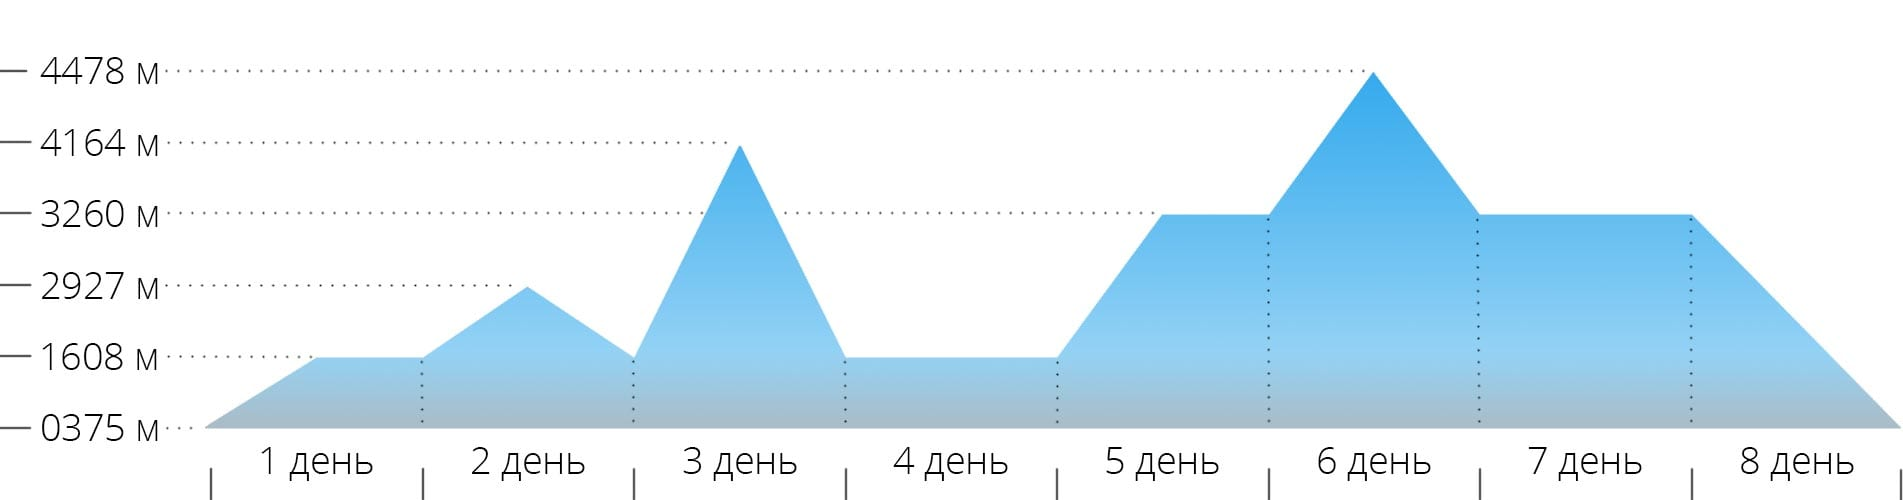 Акклиматизационный график восхождения на гору Маттерхорн